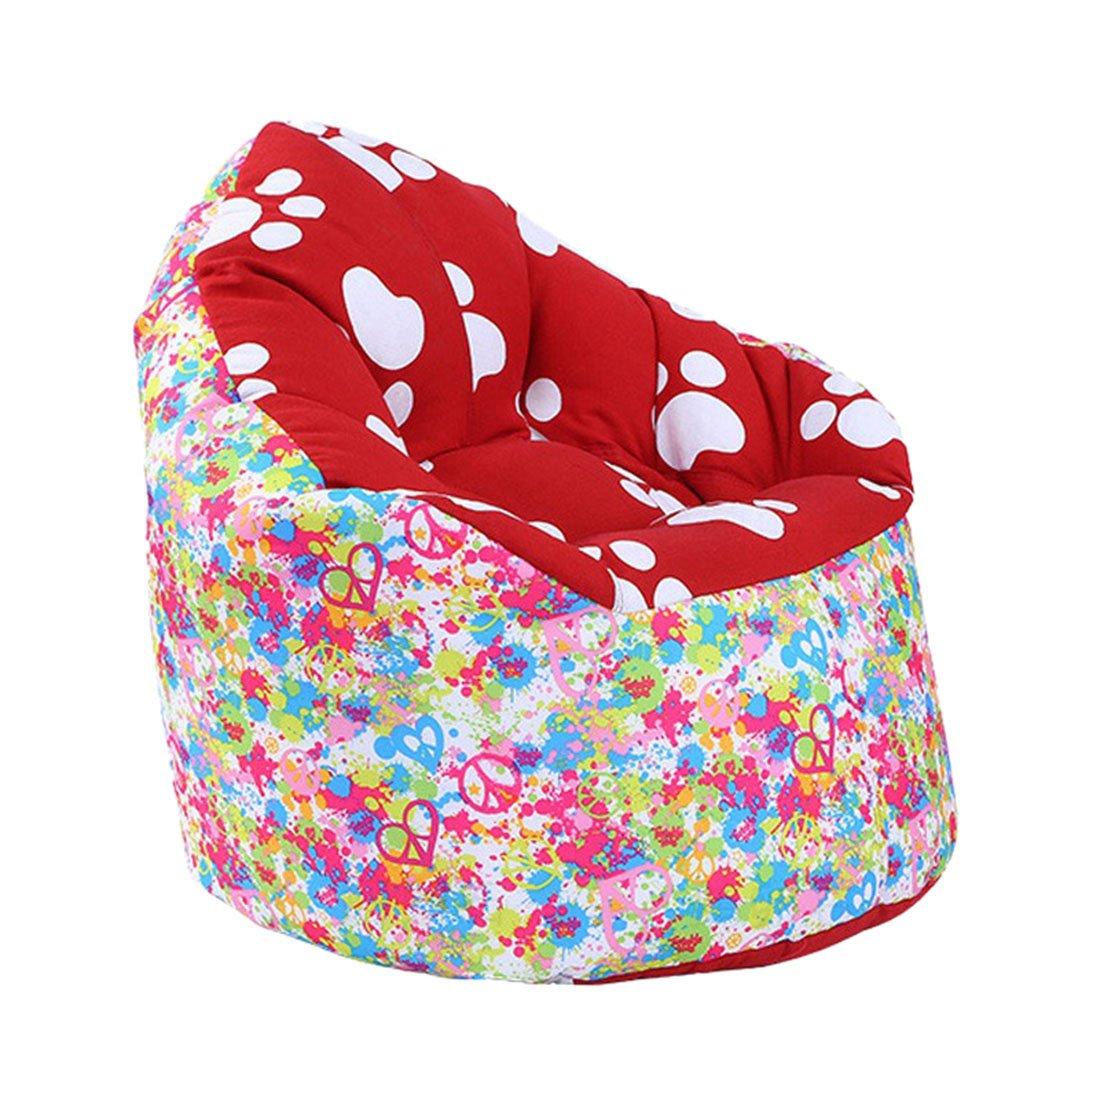 Xianheng Bean Bag Chairs Memory Foam Beanbag Kids Adult Relaxing Sofa